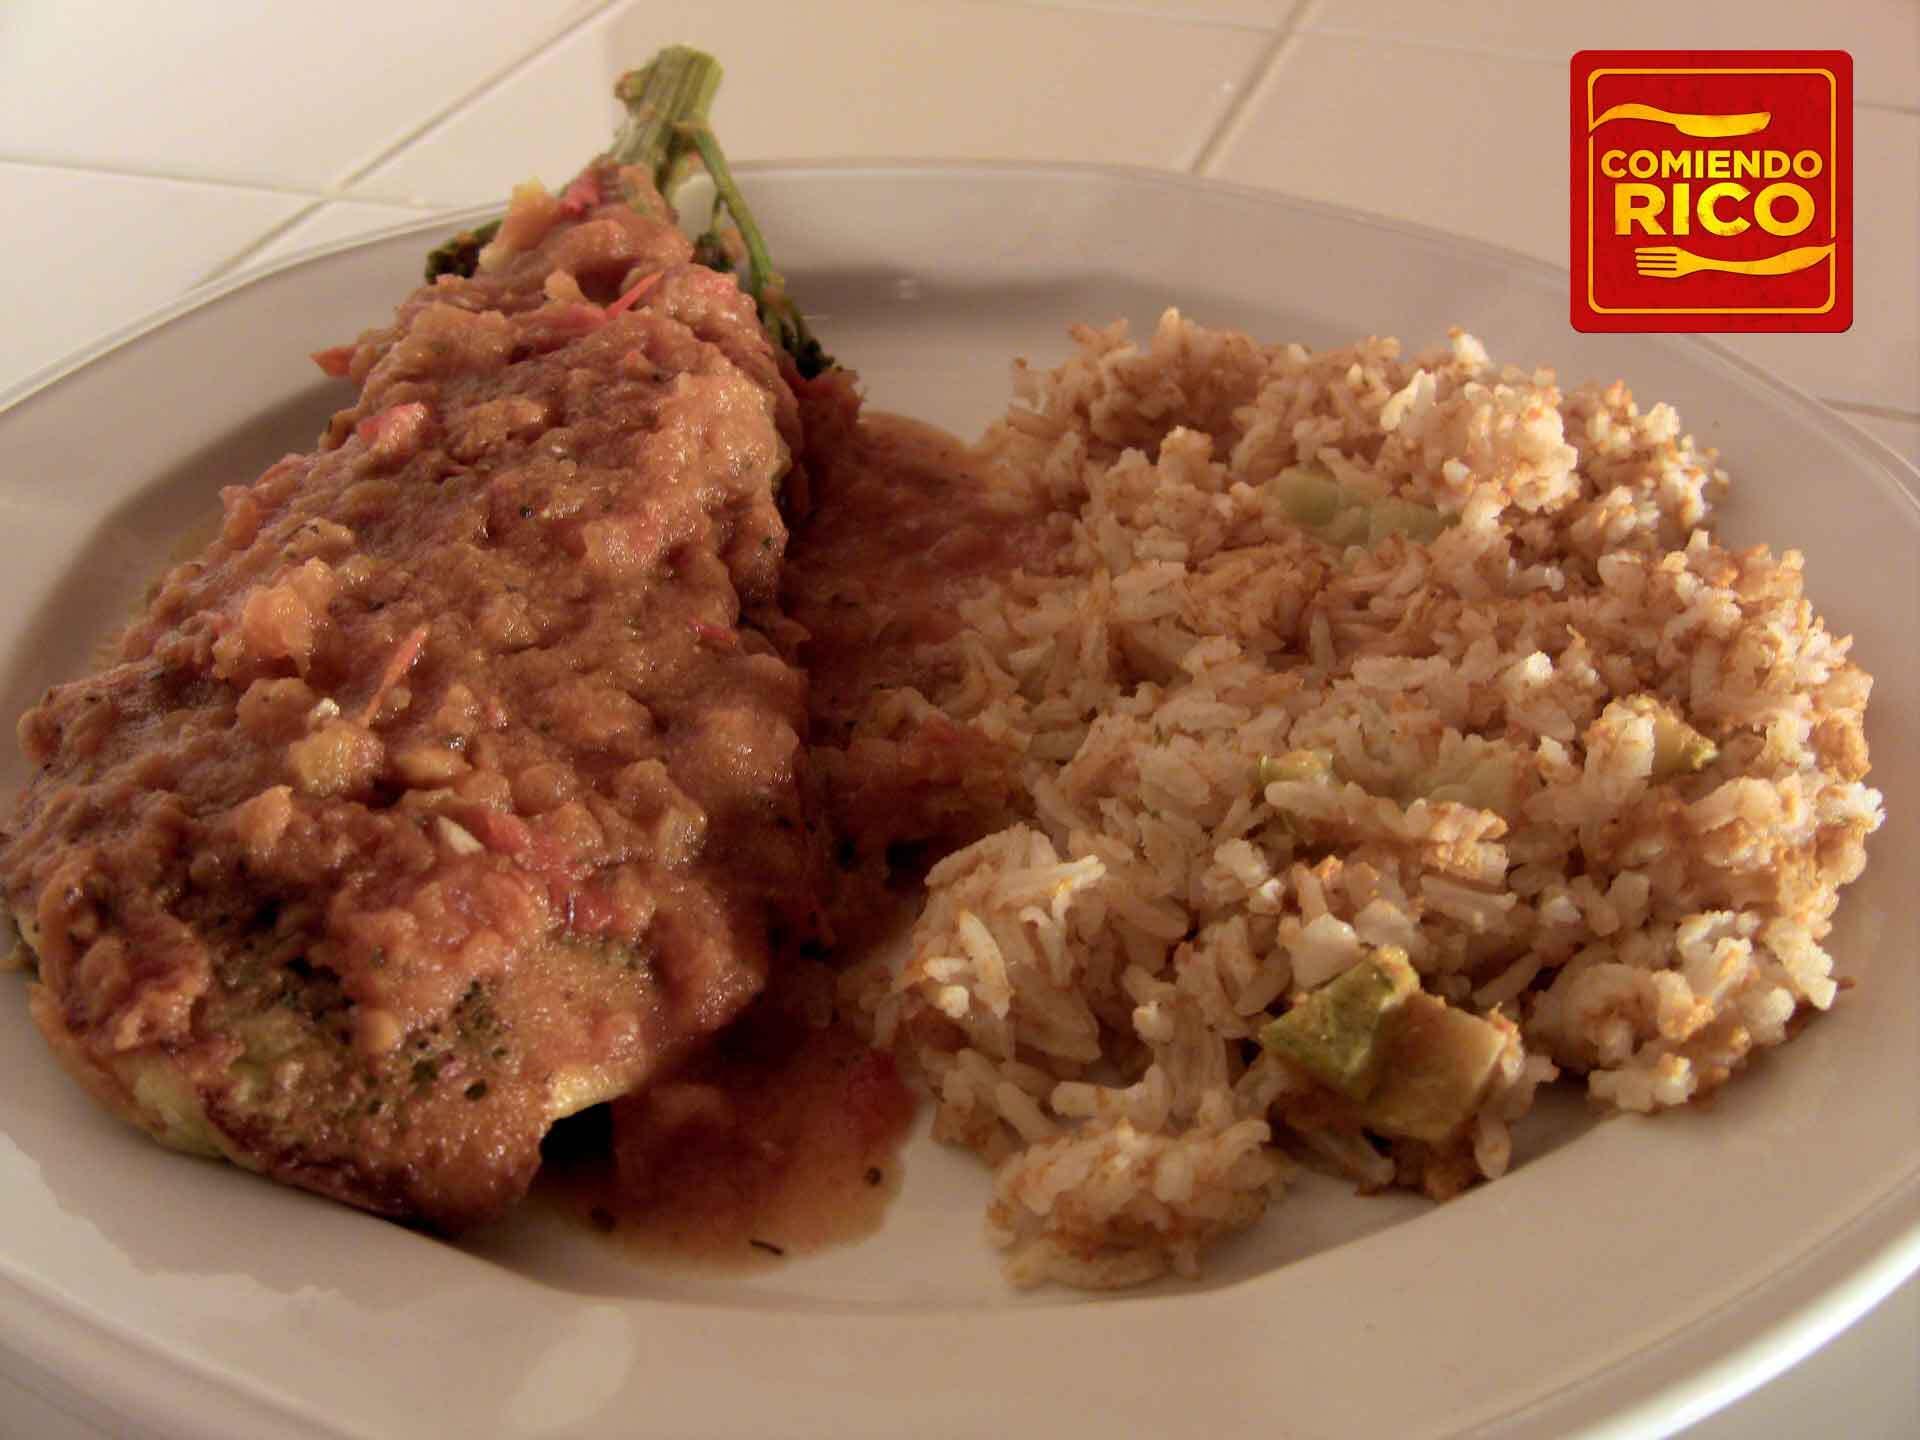 Huazontles – Comiendo Rico